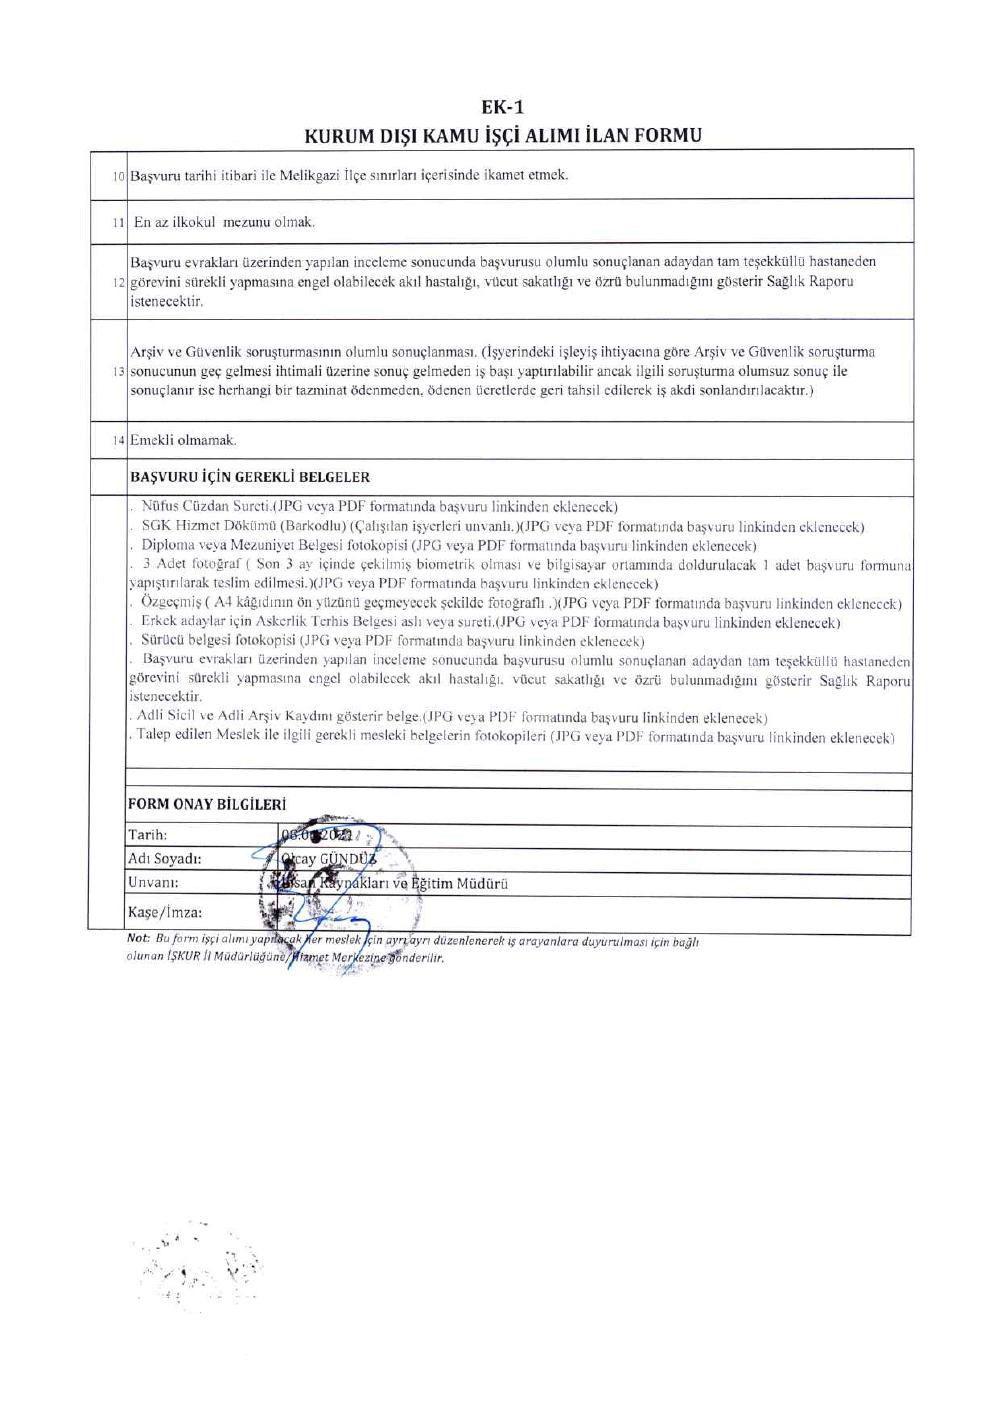 kayseri-melikgazi-belediyesi-temel-ihty-mad-san-ve-tic-islt-a-s-11-01-2021-000006.png